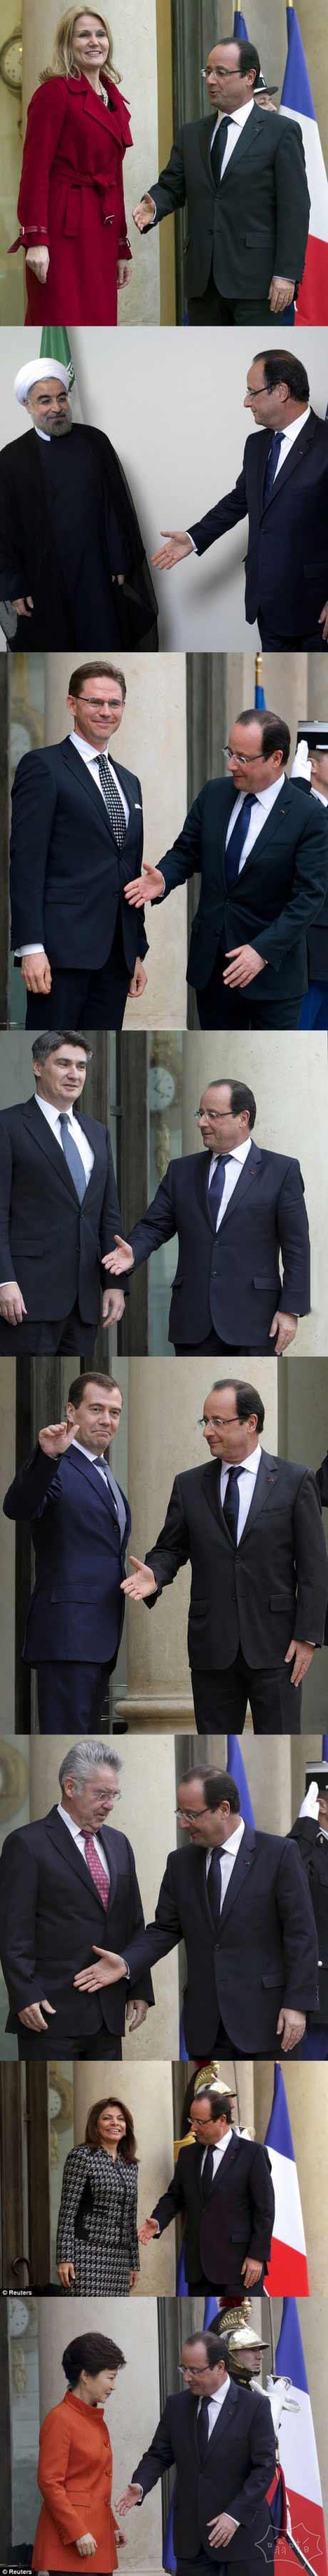 法国总统只是想要一个亲切的握手